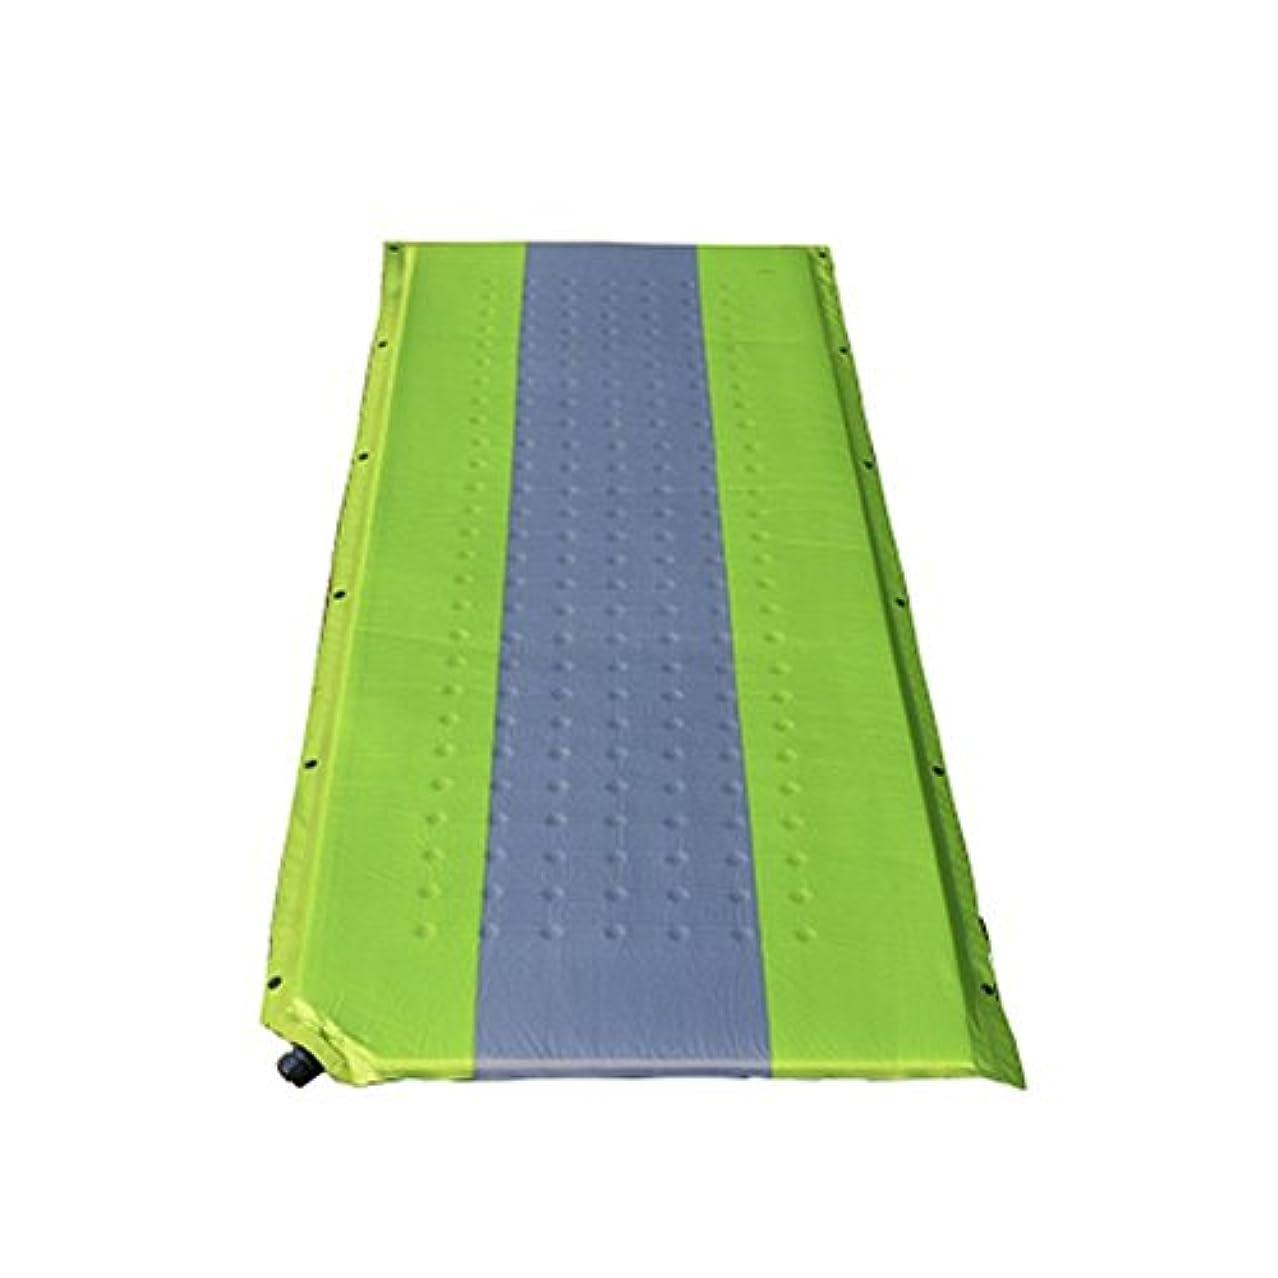 ほこり簡単に安全Lishangl 軽量スリーピングパッド、テントスリーピングパッド、キャンプやハイキングに最適